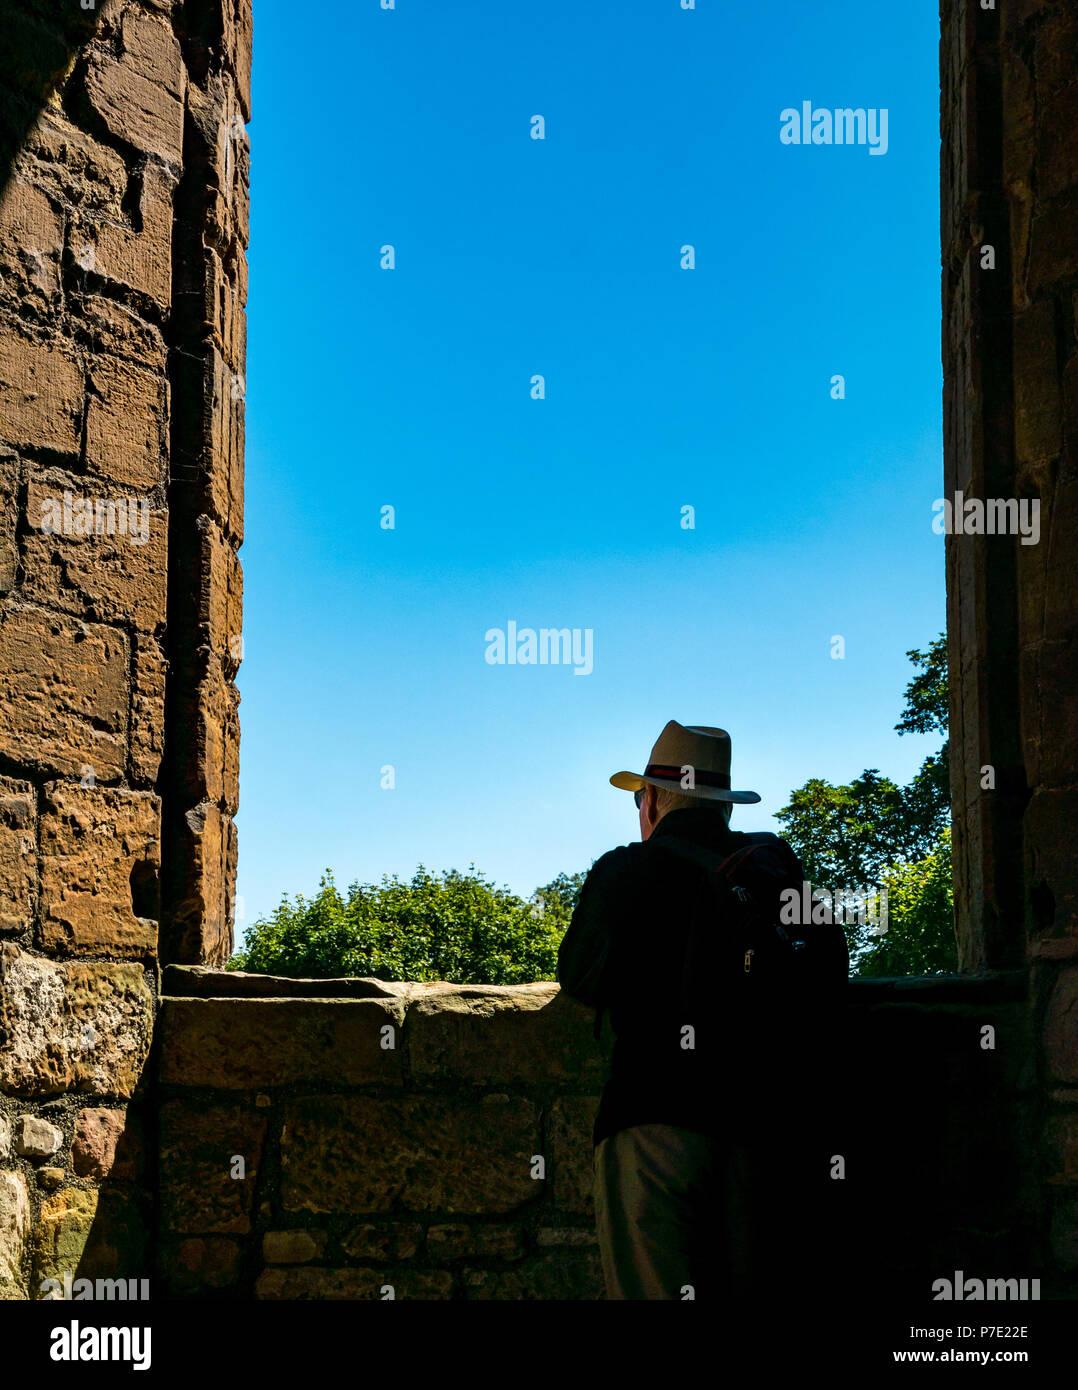 ad1f9443e056d Enmarcado silueta de hombre que llevaba sombrero de Panamá en el marco de  la ventana en